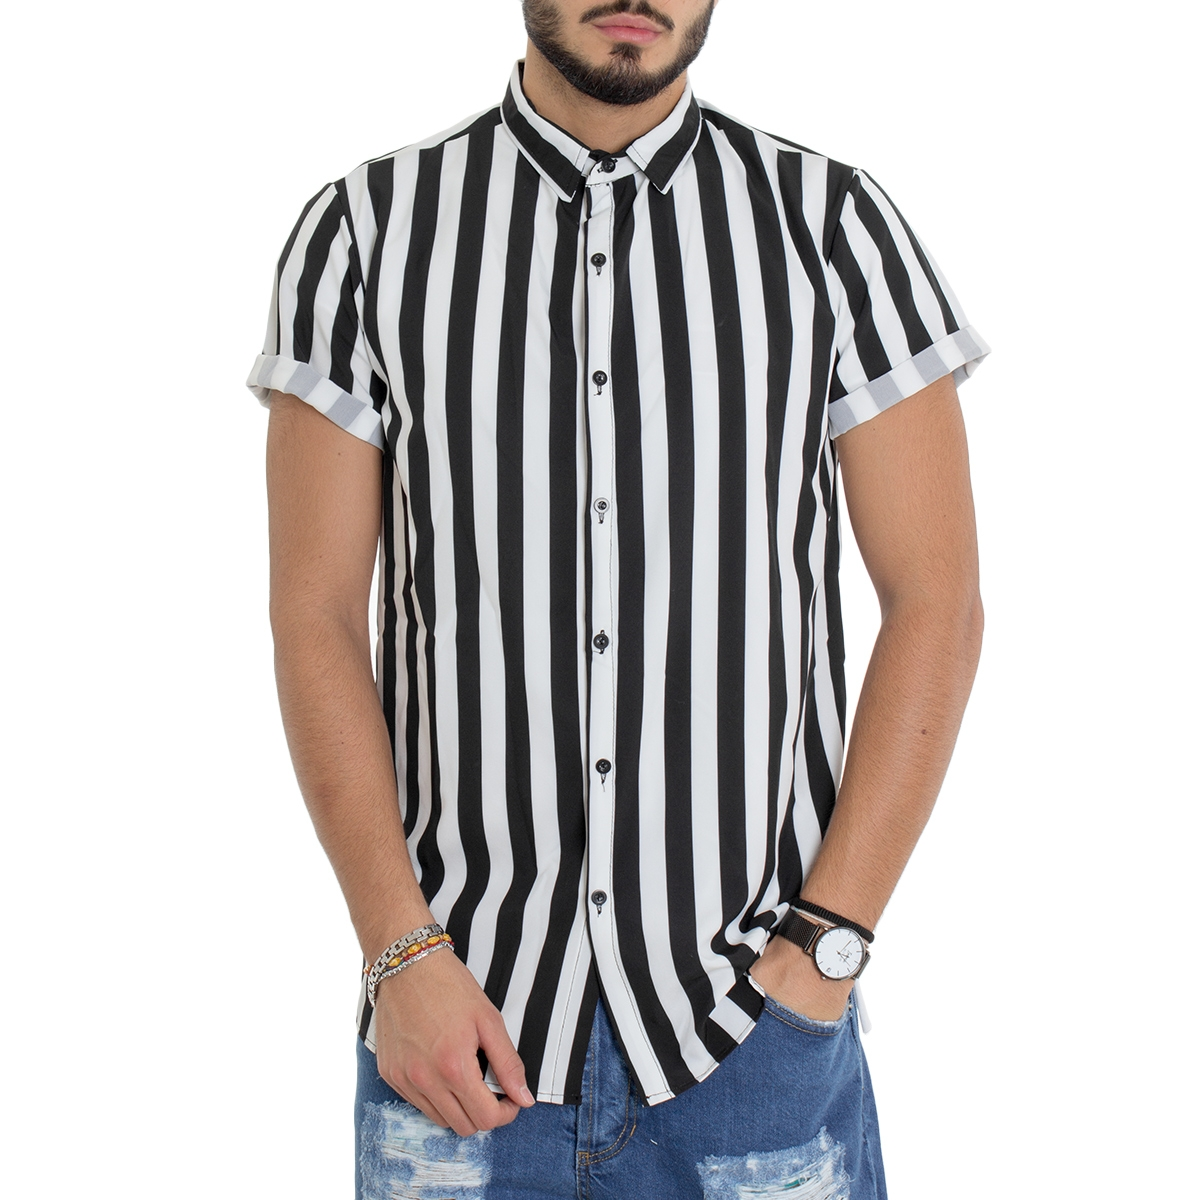 Gheri Camicia da uomo patchwork a righe